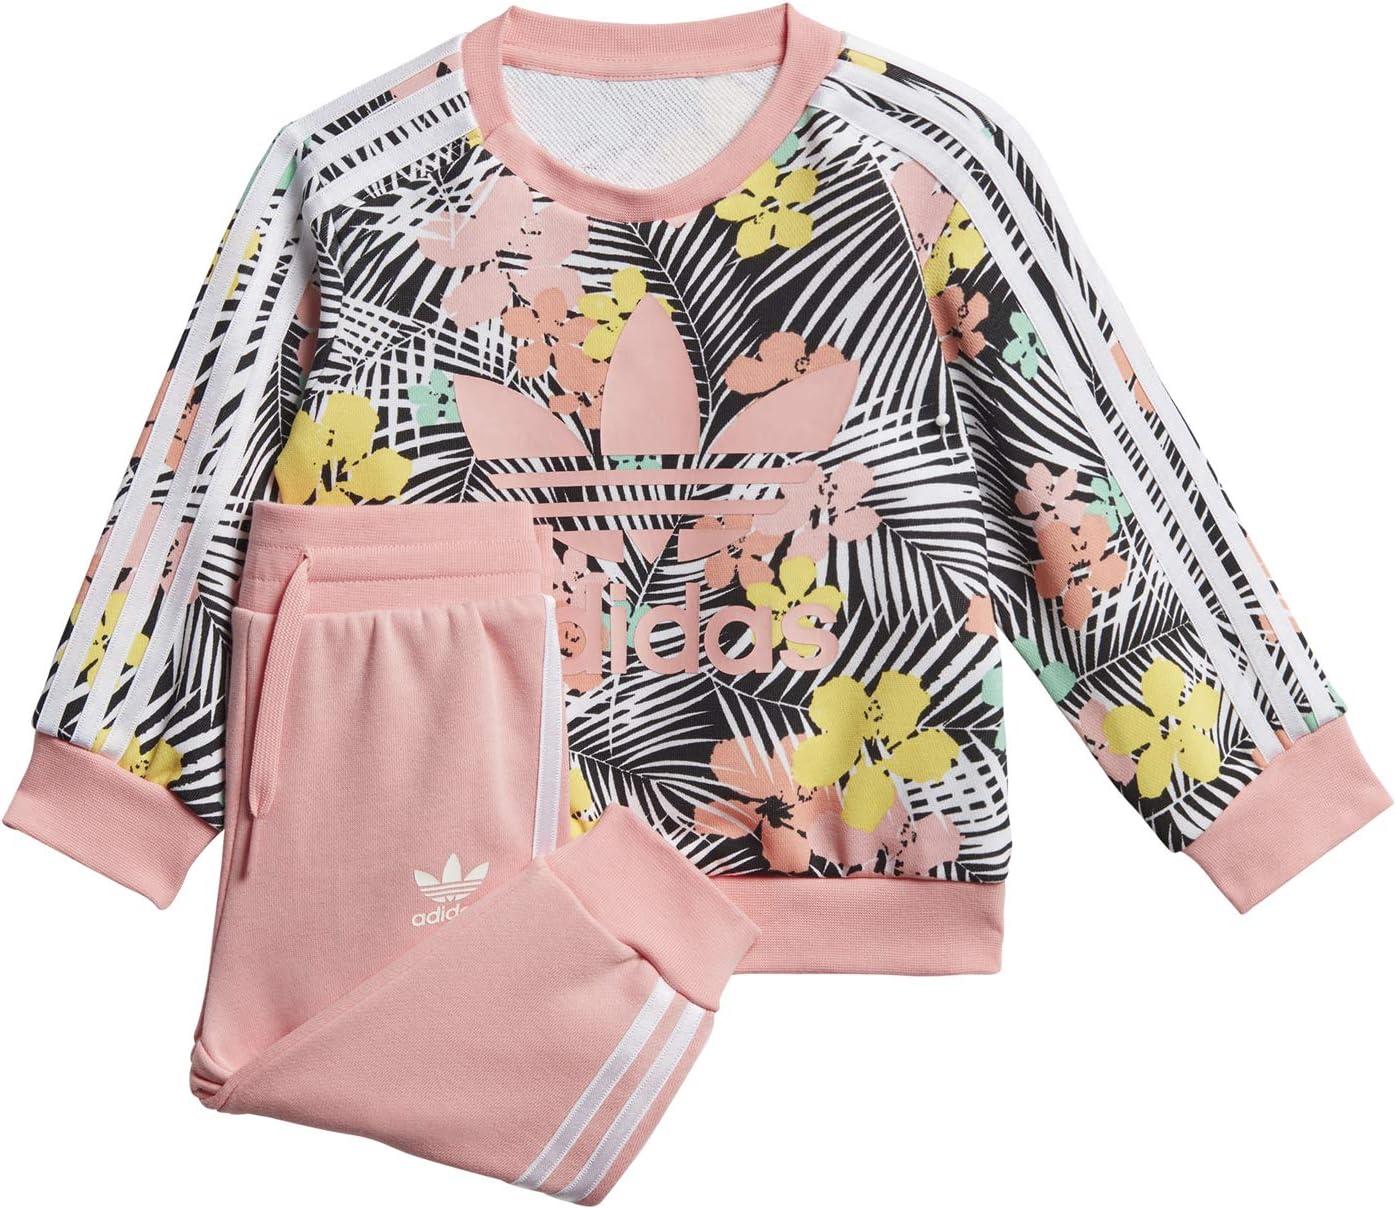 adidas Floral Crew Complete Tuta Rosa da Bambino FM6720